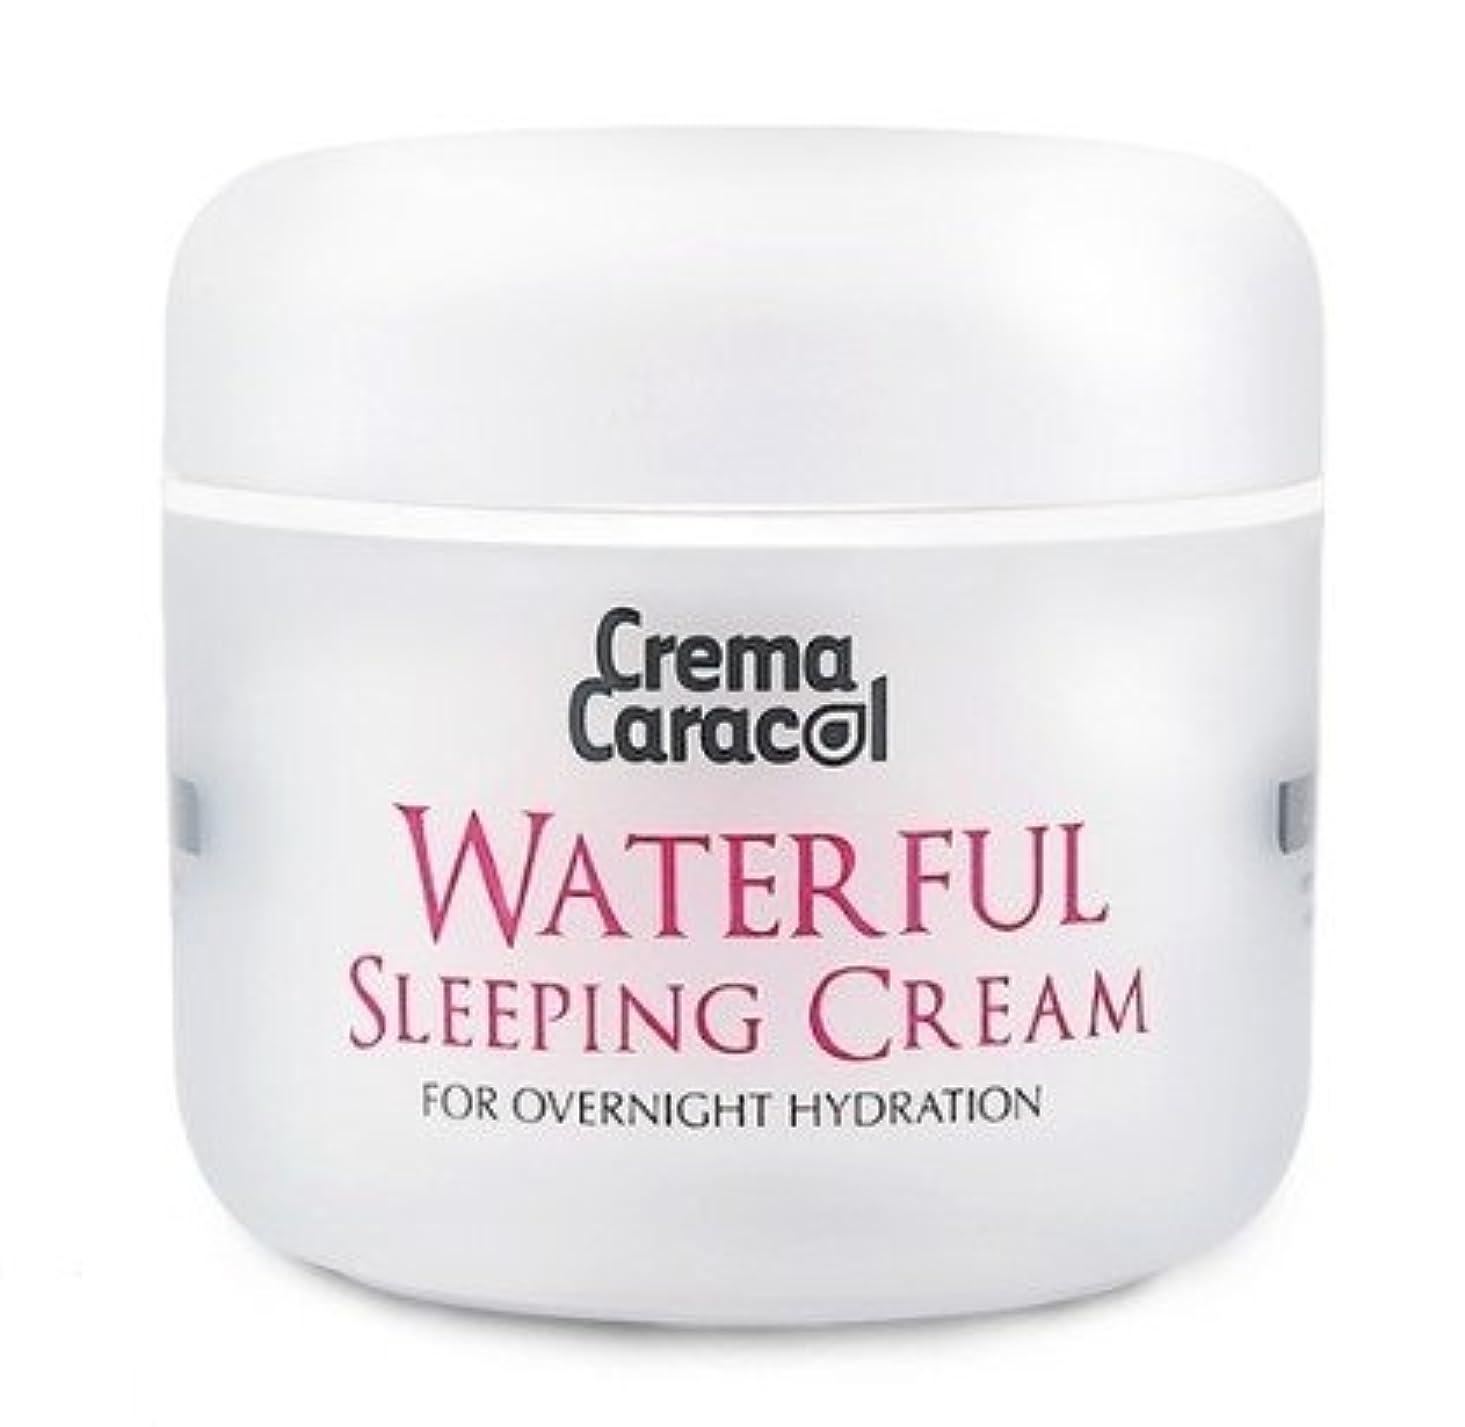 ミストイレ心臓[JAMINKYUNG] Waterful Sleeping Cream/孜民耕 [ジャミンギョン] ウォーターフルスリーピングクリーム [並行輸入品]